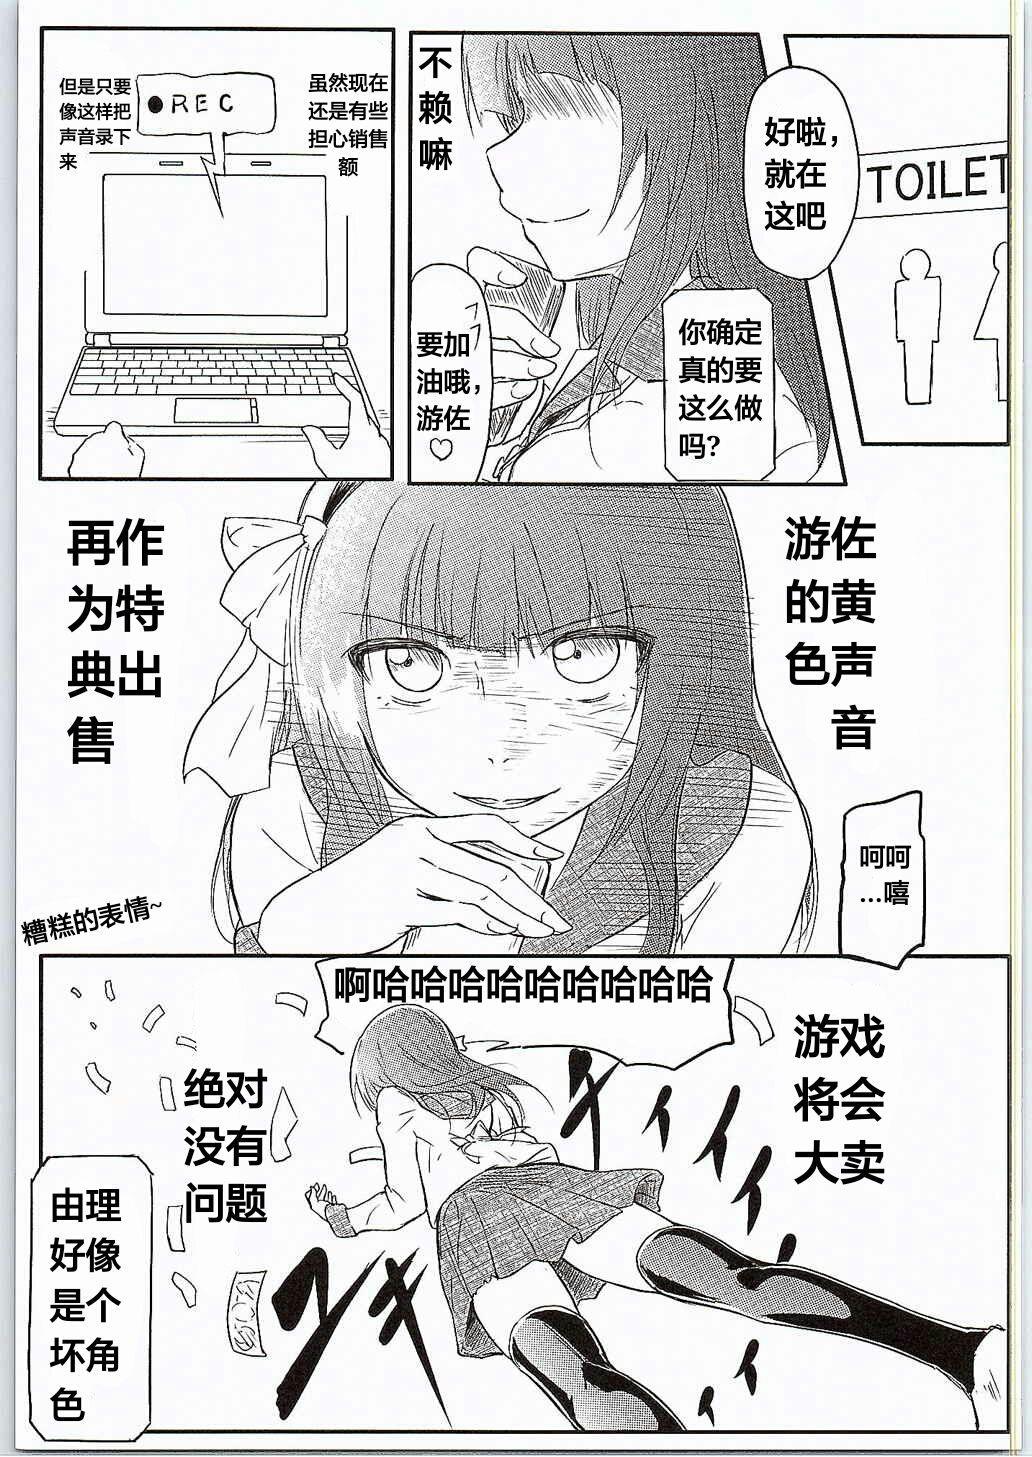 CG Jikkyou Shoutai Kenban 6